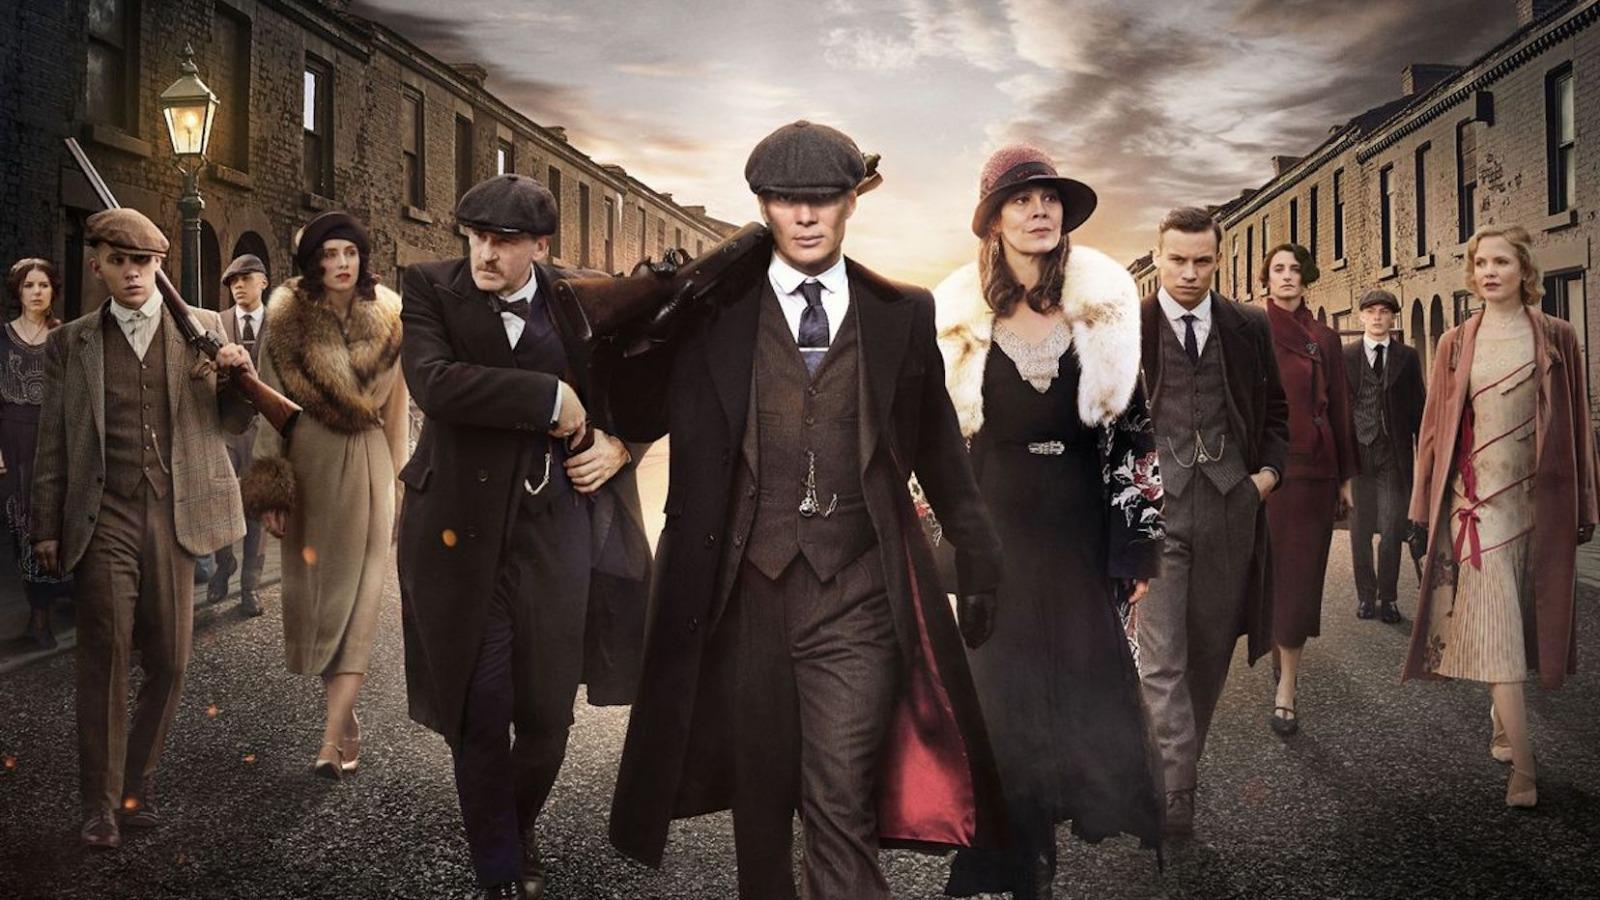 Peaky Blinders säsong 6 – bland de bästa serierna 2021 enligt vad många tror.